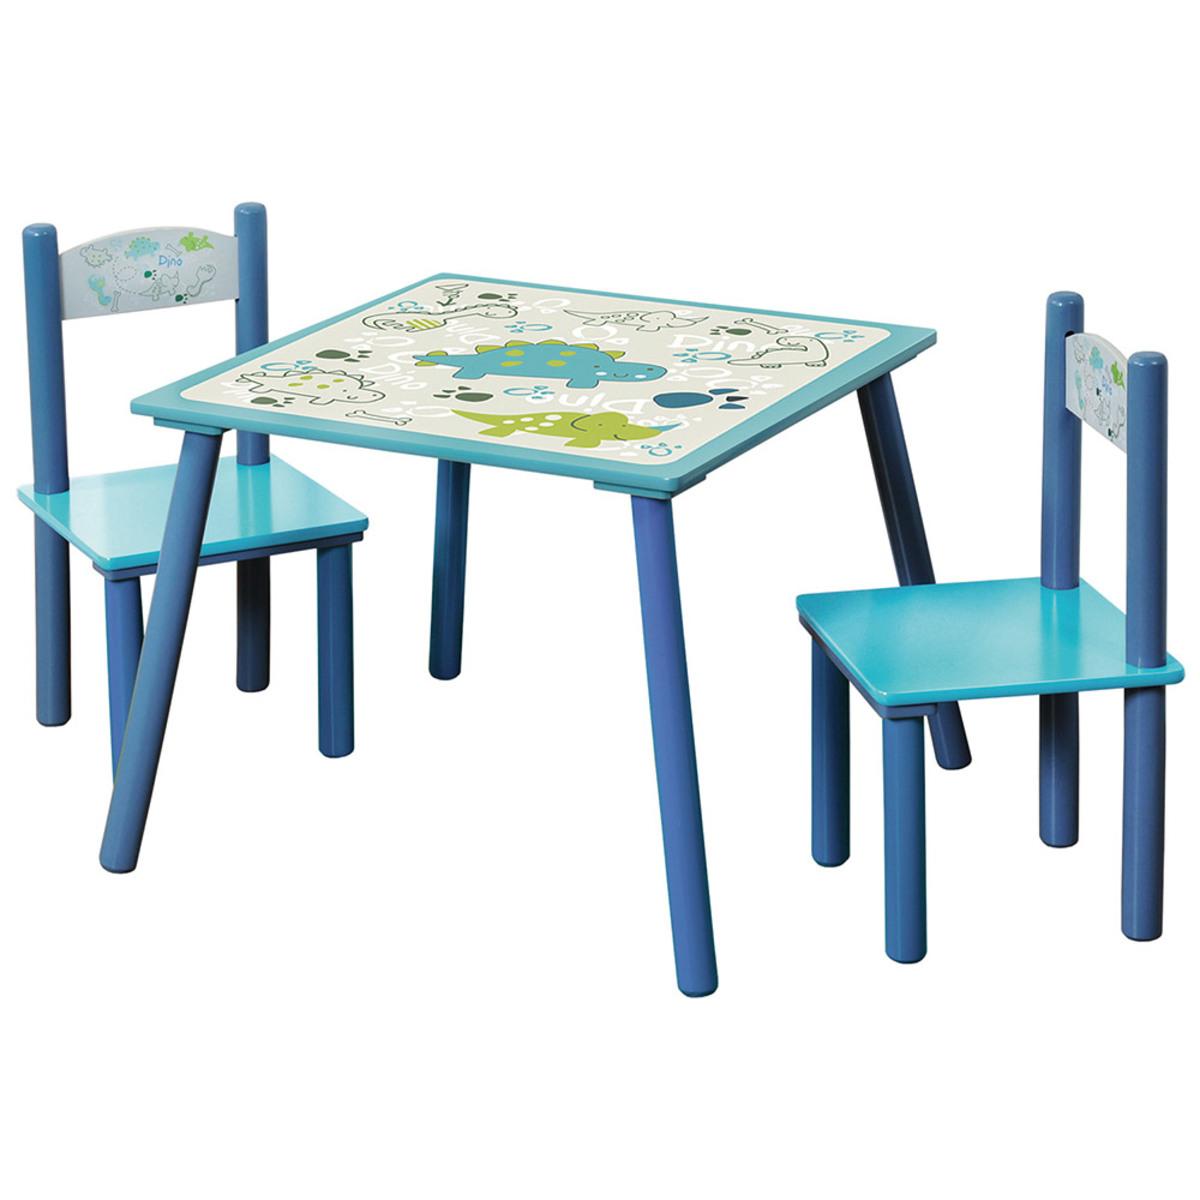 Bild 1 von Kesper Kindertisch mit 2 Stühlen, Dino - 3er Set